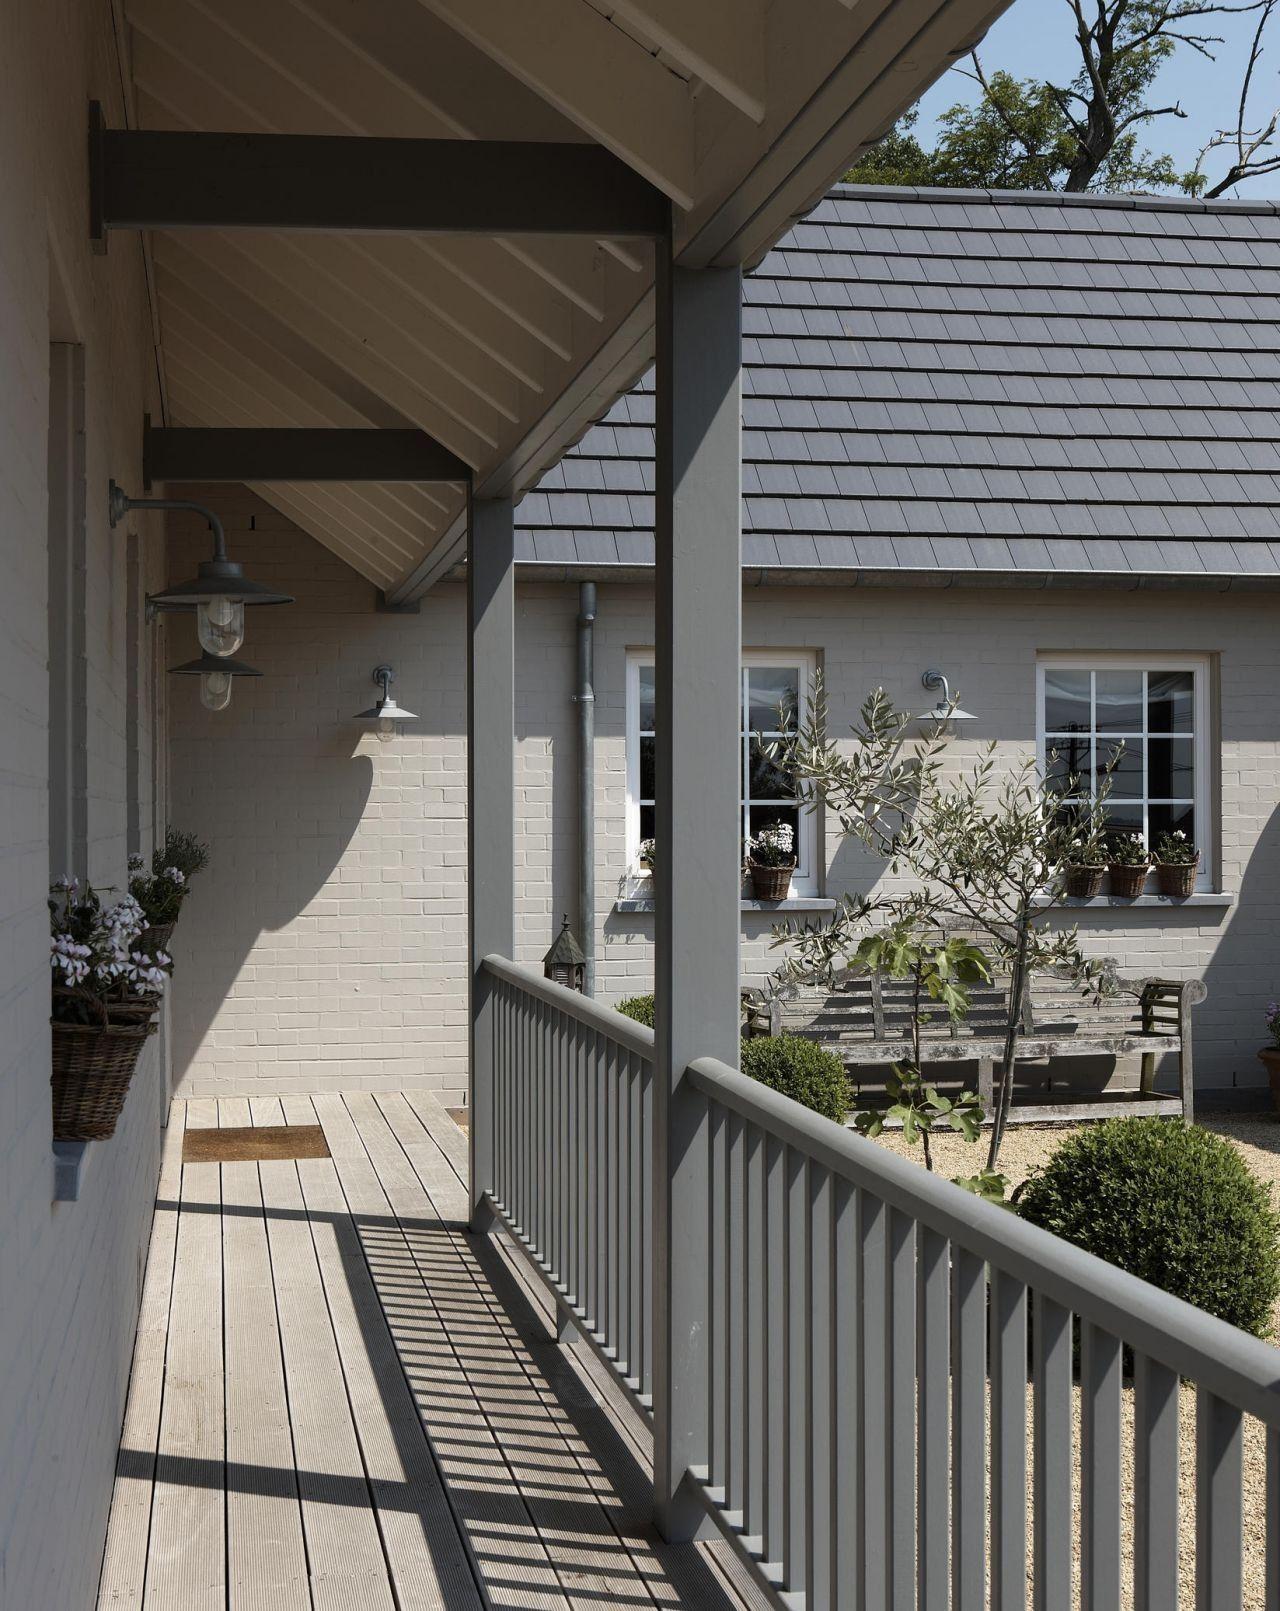 cottonwood style home mi casa mansard es chevalier afdak pinterest maison ext rieur. Black Bedroom Furniture Sets. Home Design Ideas